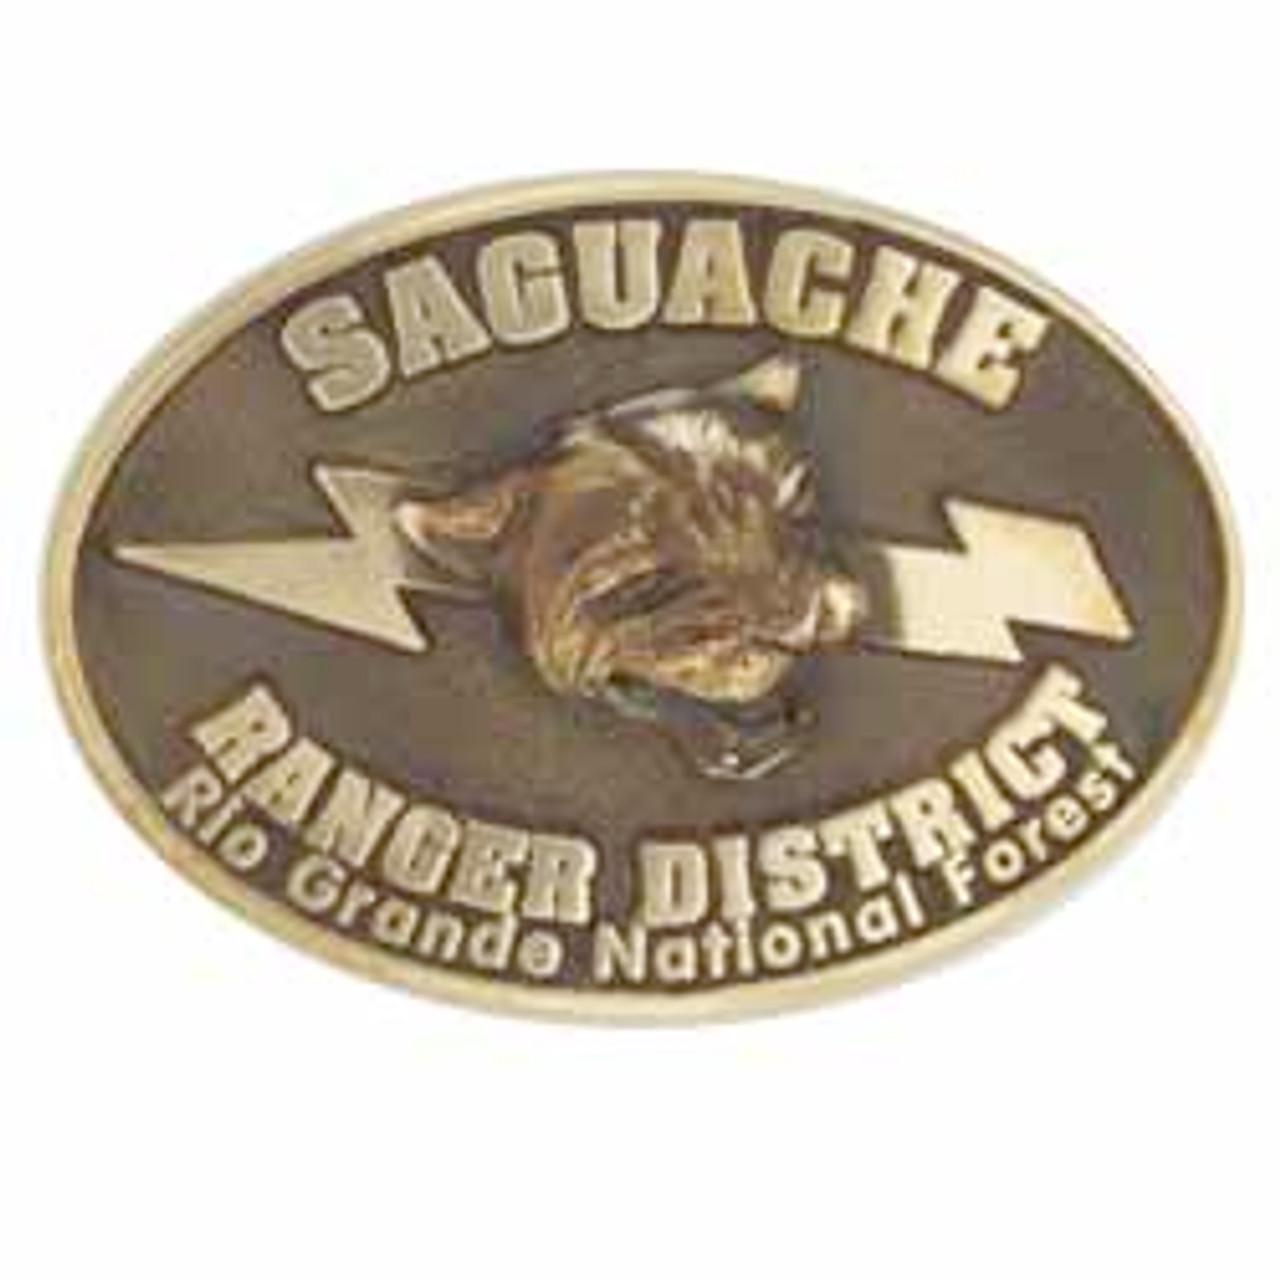 Saguache Ranger District Buckle